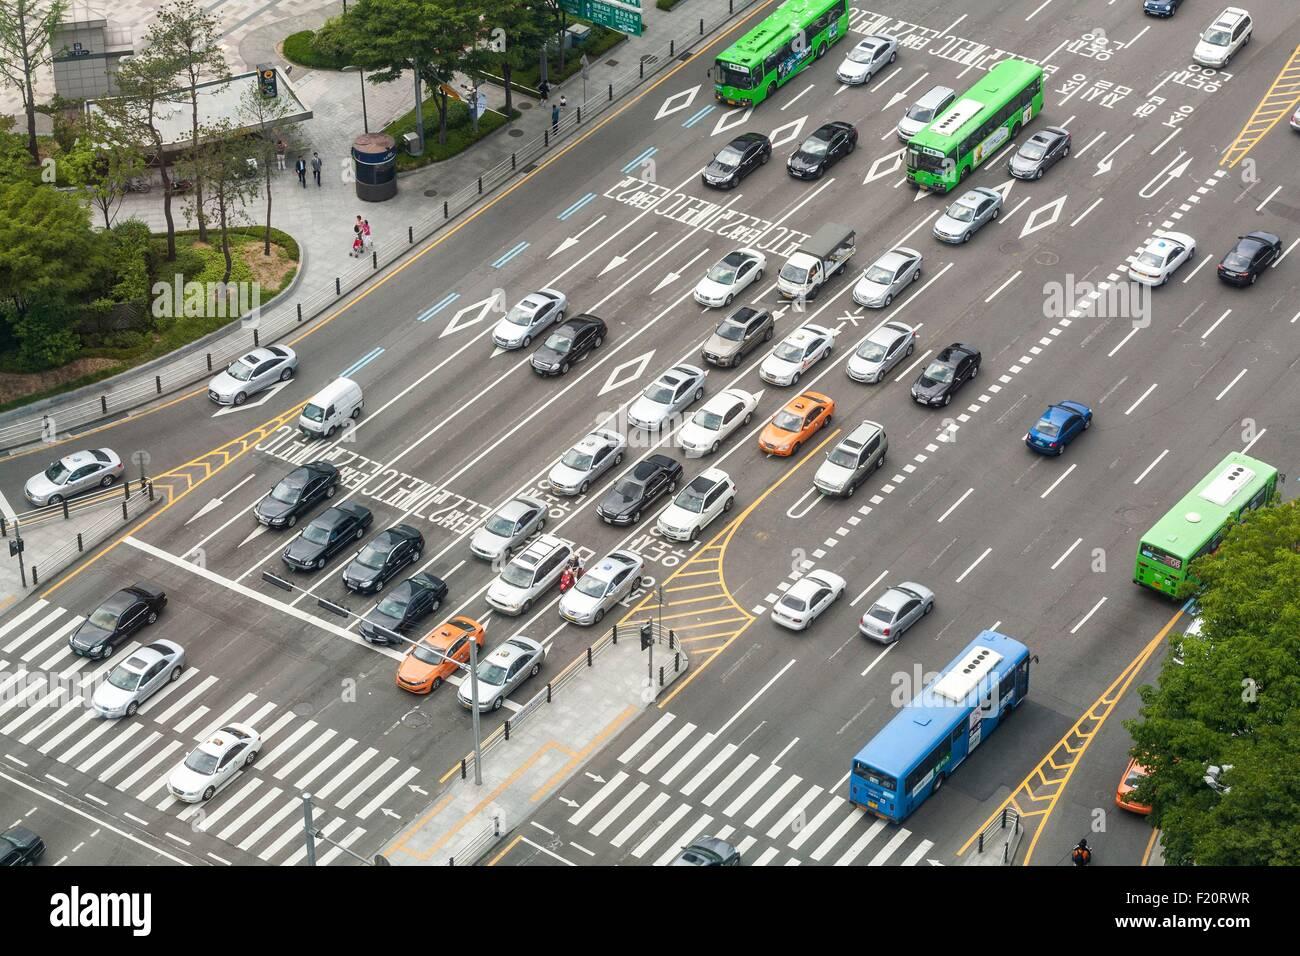 Südkorea, Seoul, Gangnam, Fußgängerüberwegen, Cheonggyecheon-Ro und Ro-Yulgok überqueren Stockbild